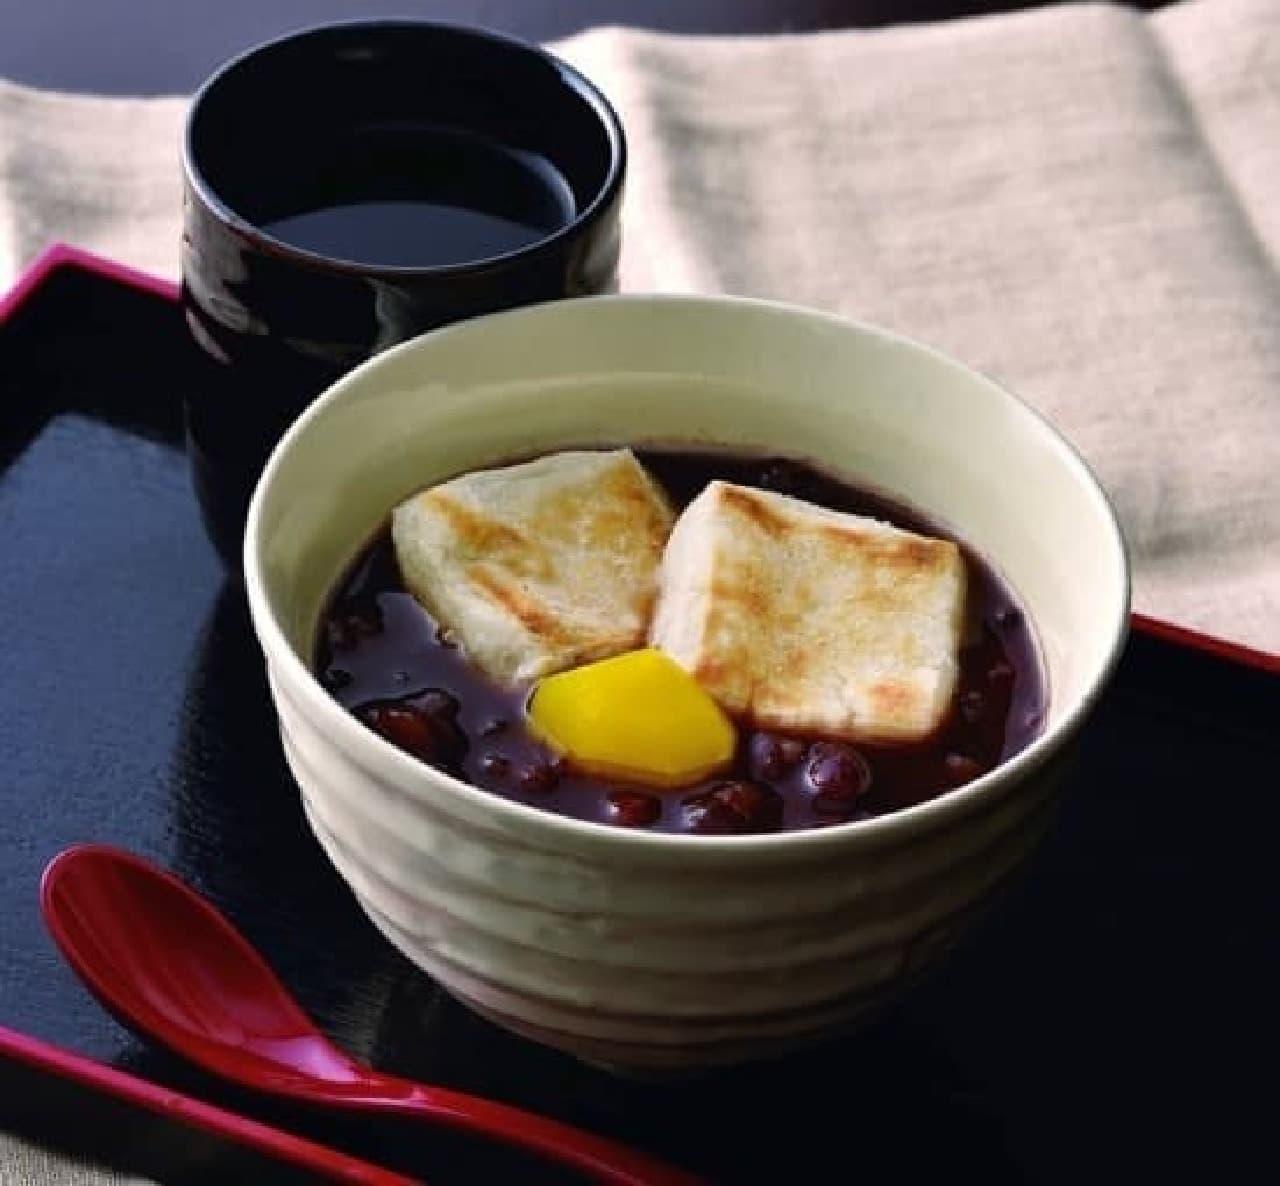 シャノアール「焼き餅入りぜんざい(ほうじ茶付き)」